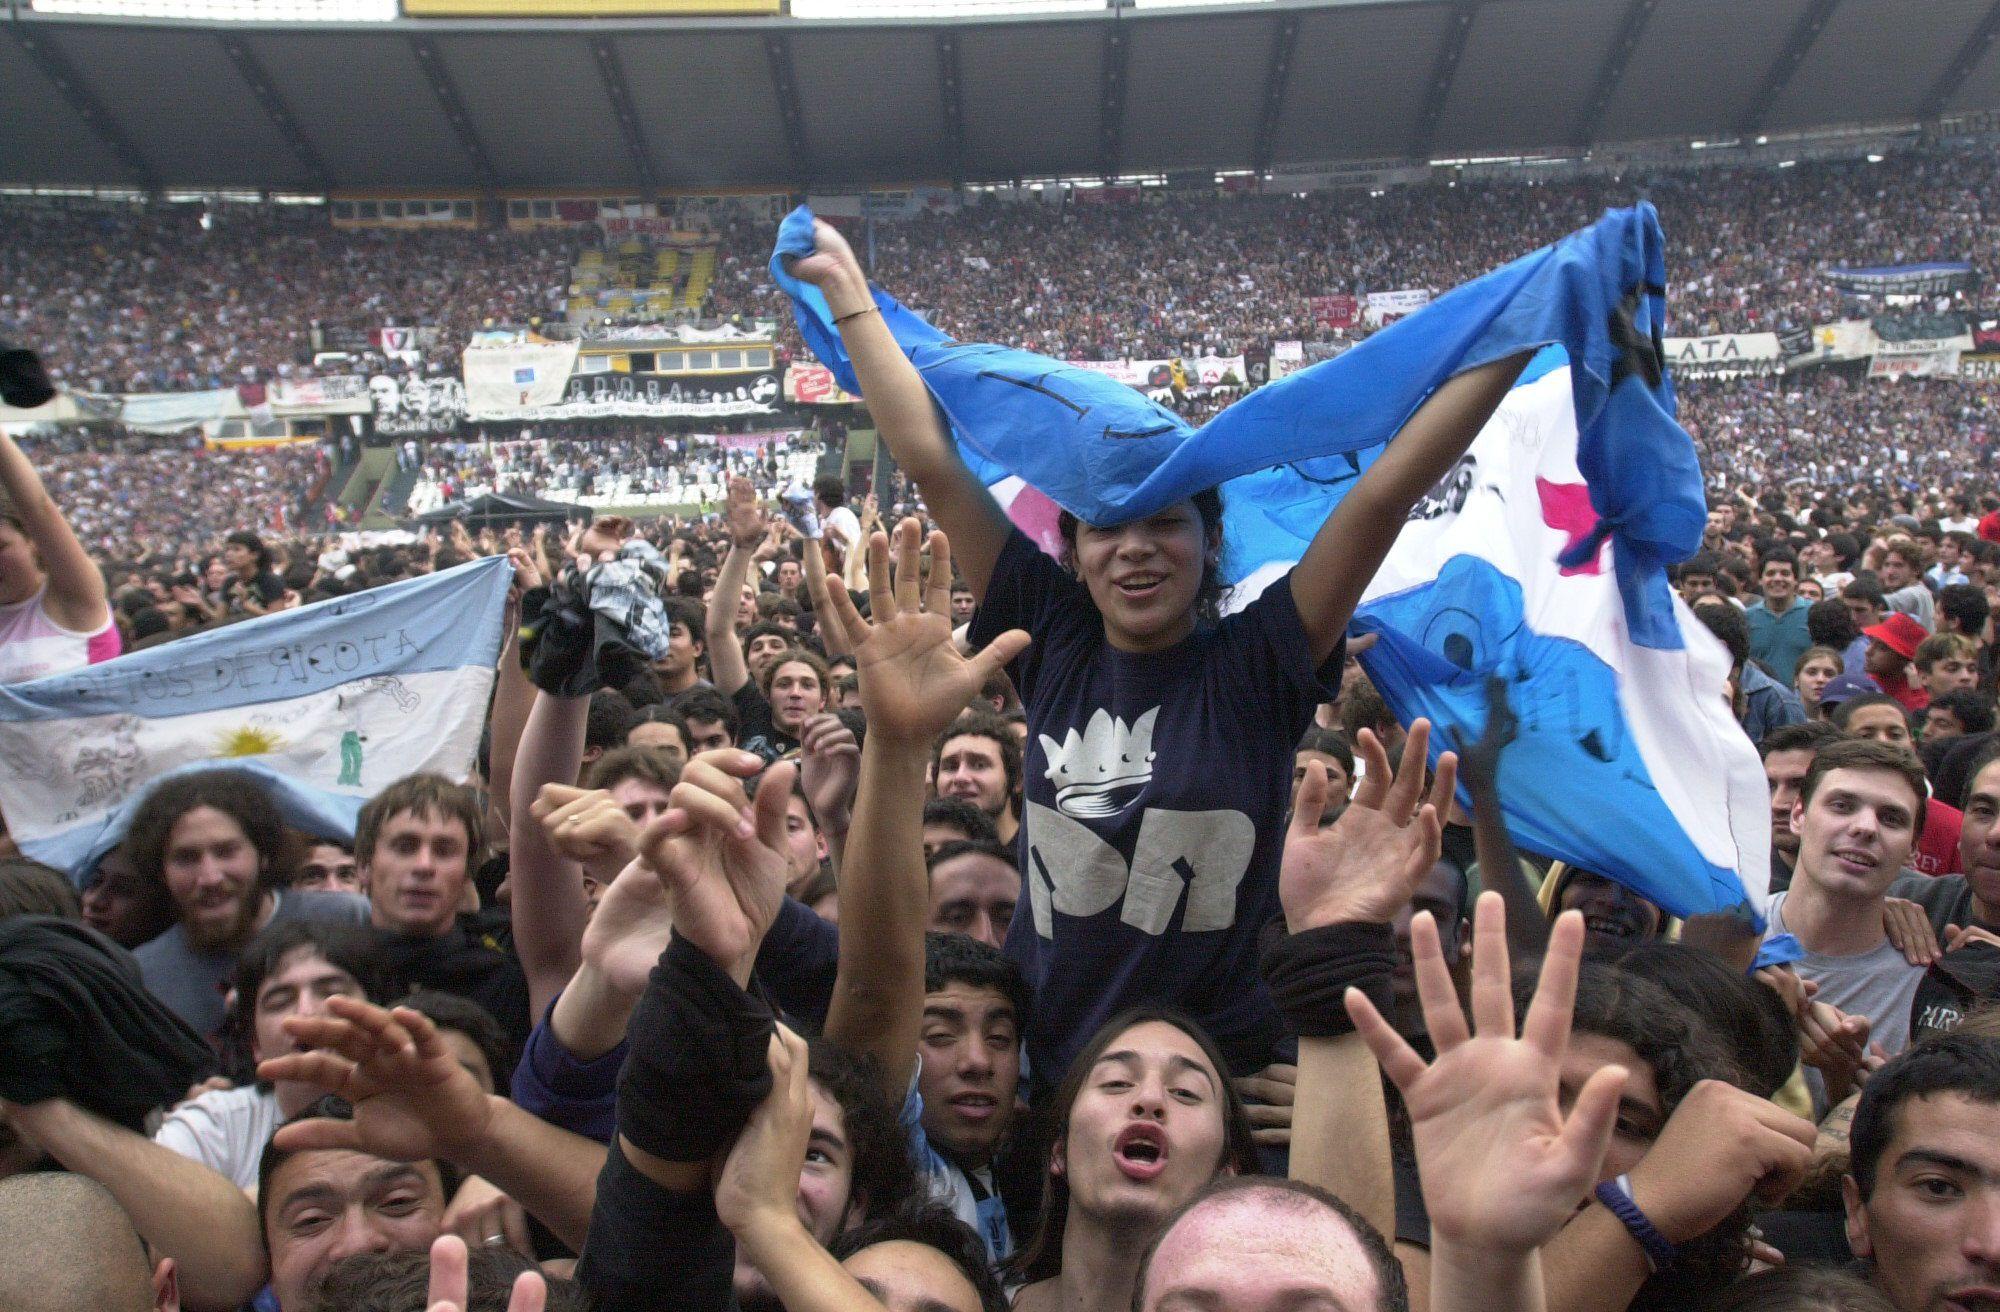 La asistencia al último show de Patricio Rey y sus Redonditos de Ricota fue cercana a las 50 mil personas. Récord para la plaza Córdoba. (La Voz/ Archivo)